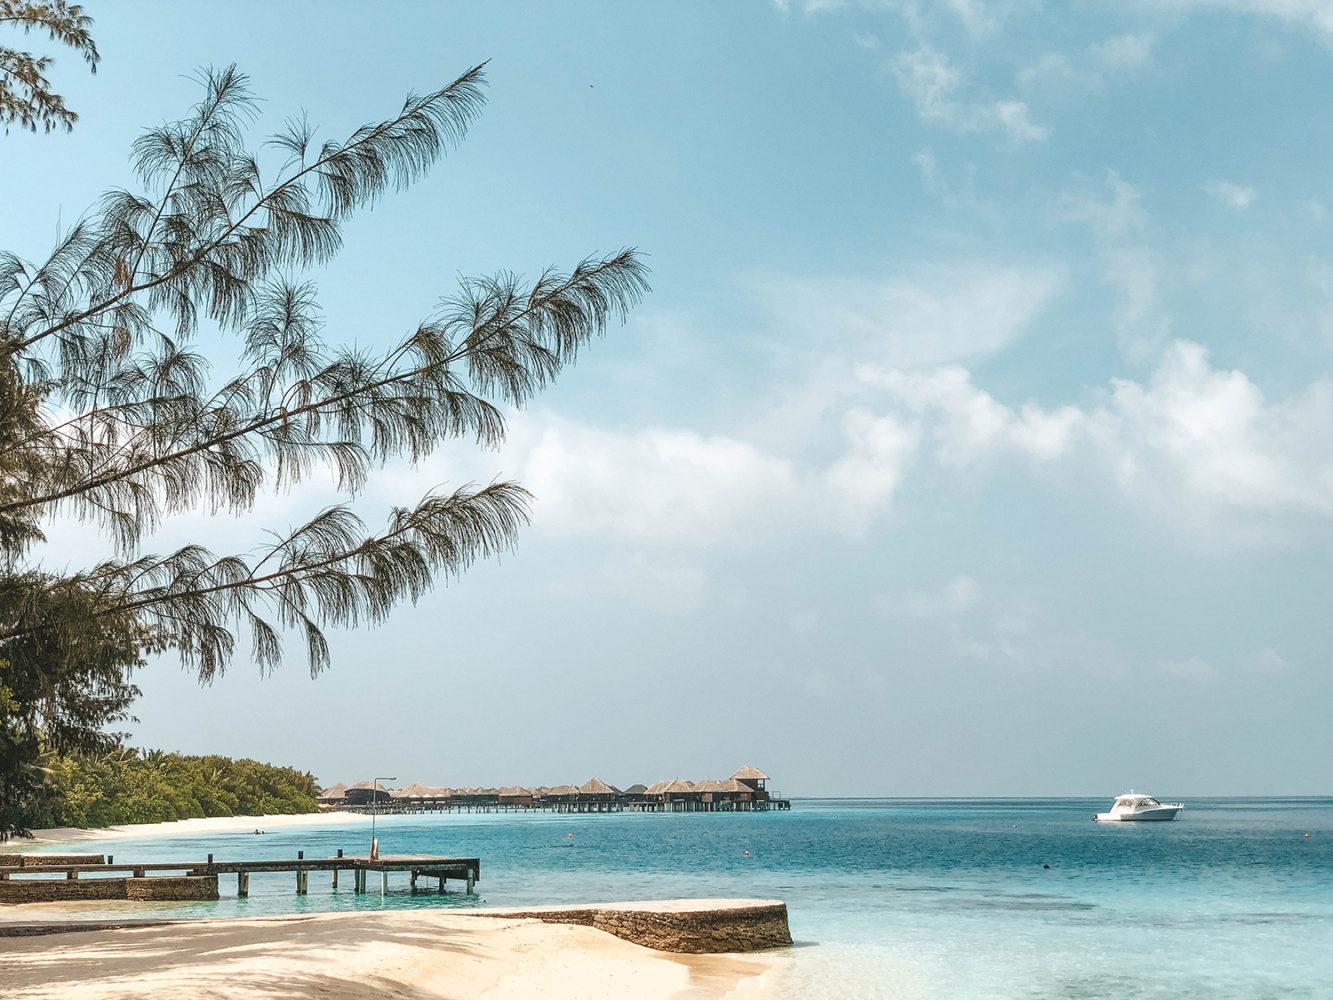 La plage principale de sable blanc